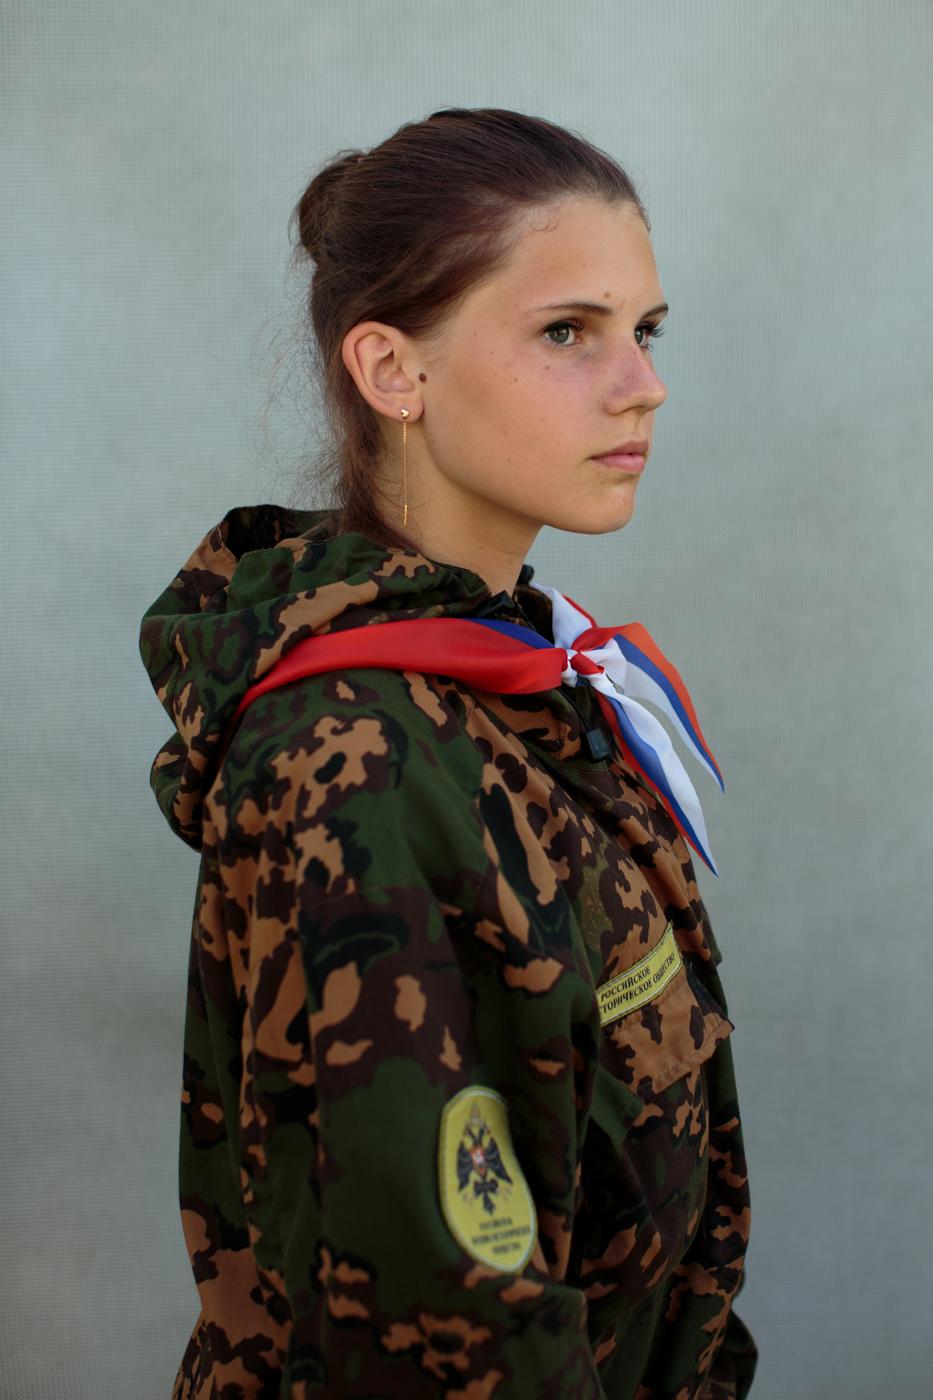 Blesener_Russia_02.jpg